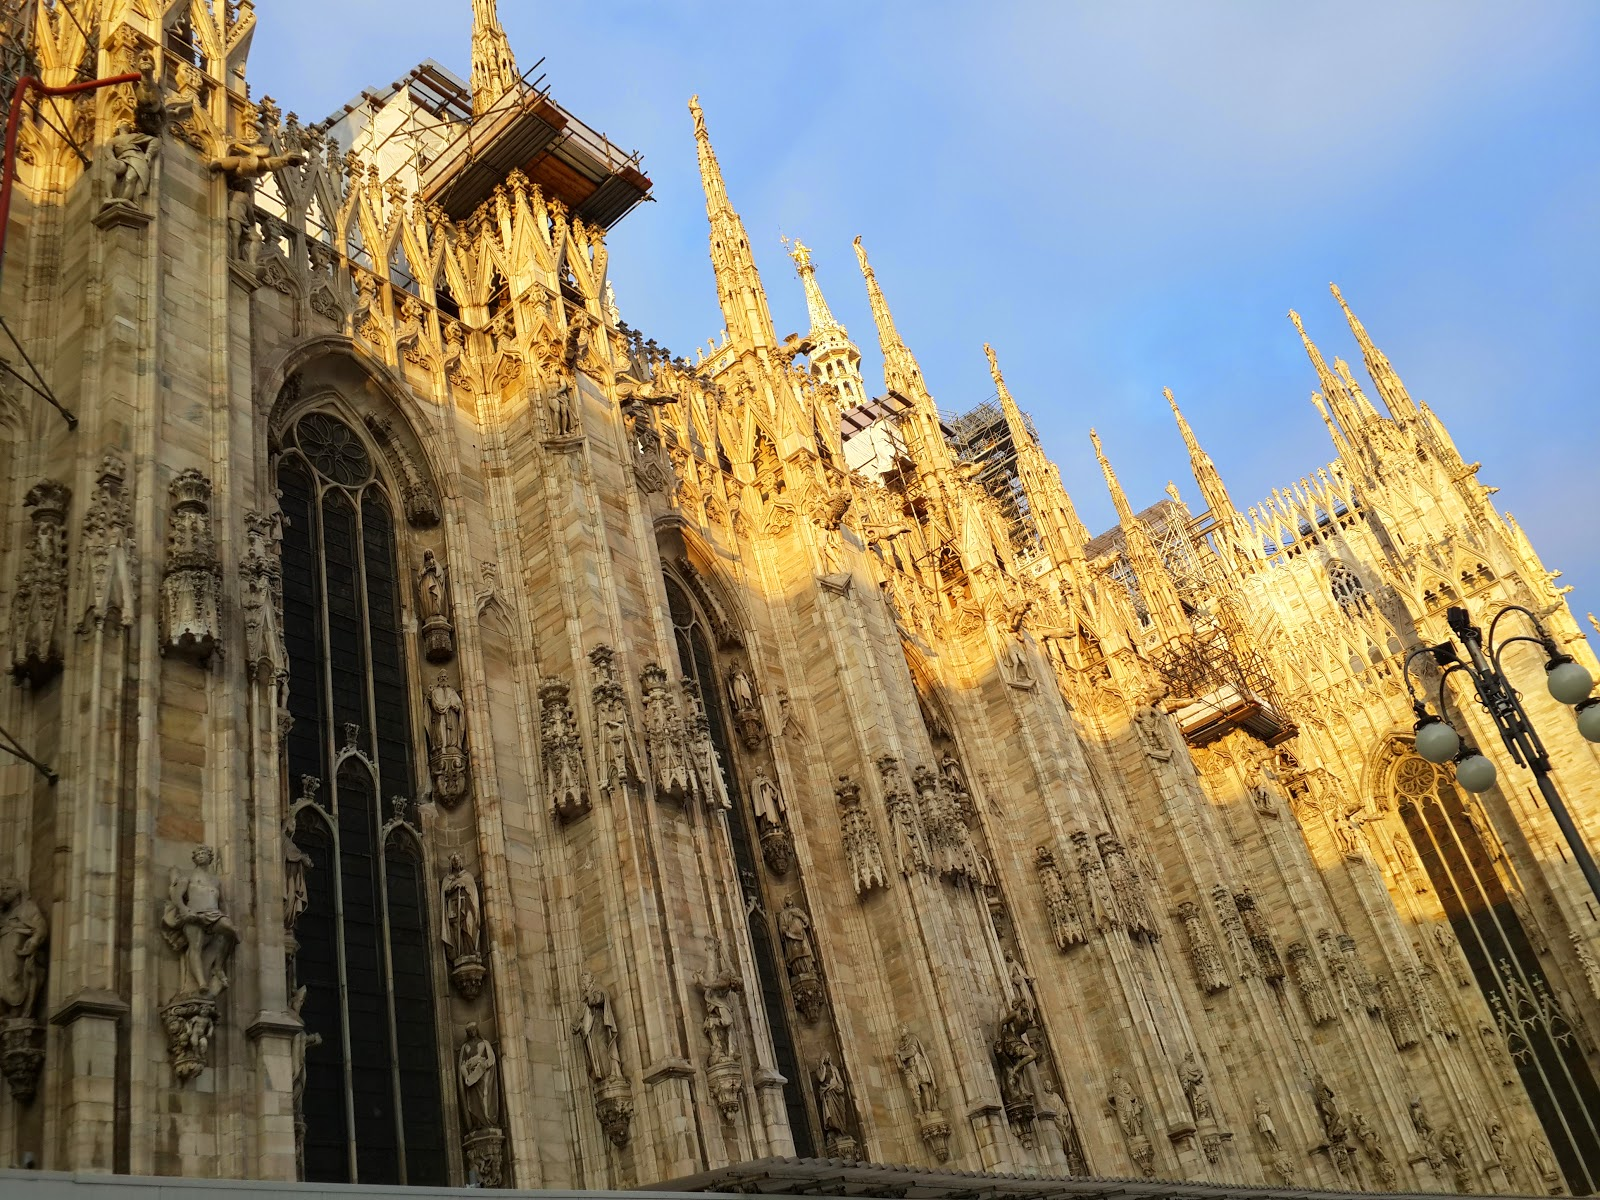 Duomo di Milano кафедральный собор в центре Милана